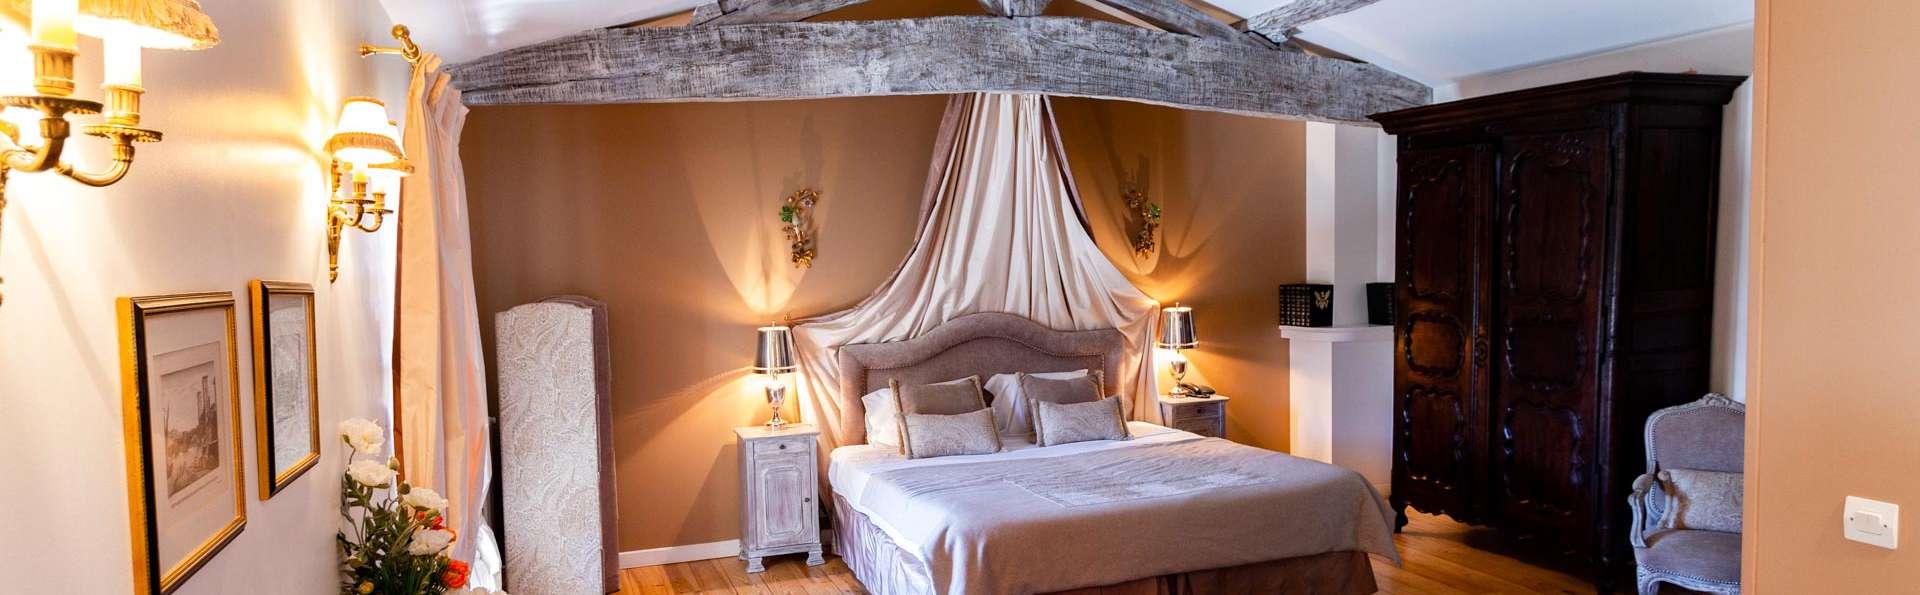 Échappée romantique à côté de Bordeaux en suites, dîner, spa chocolat et philtres d'amour